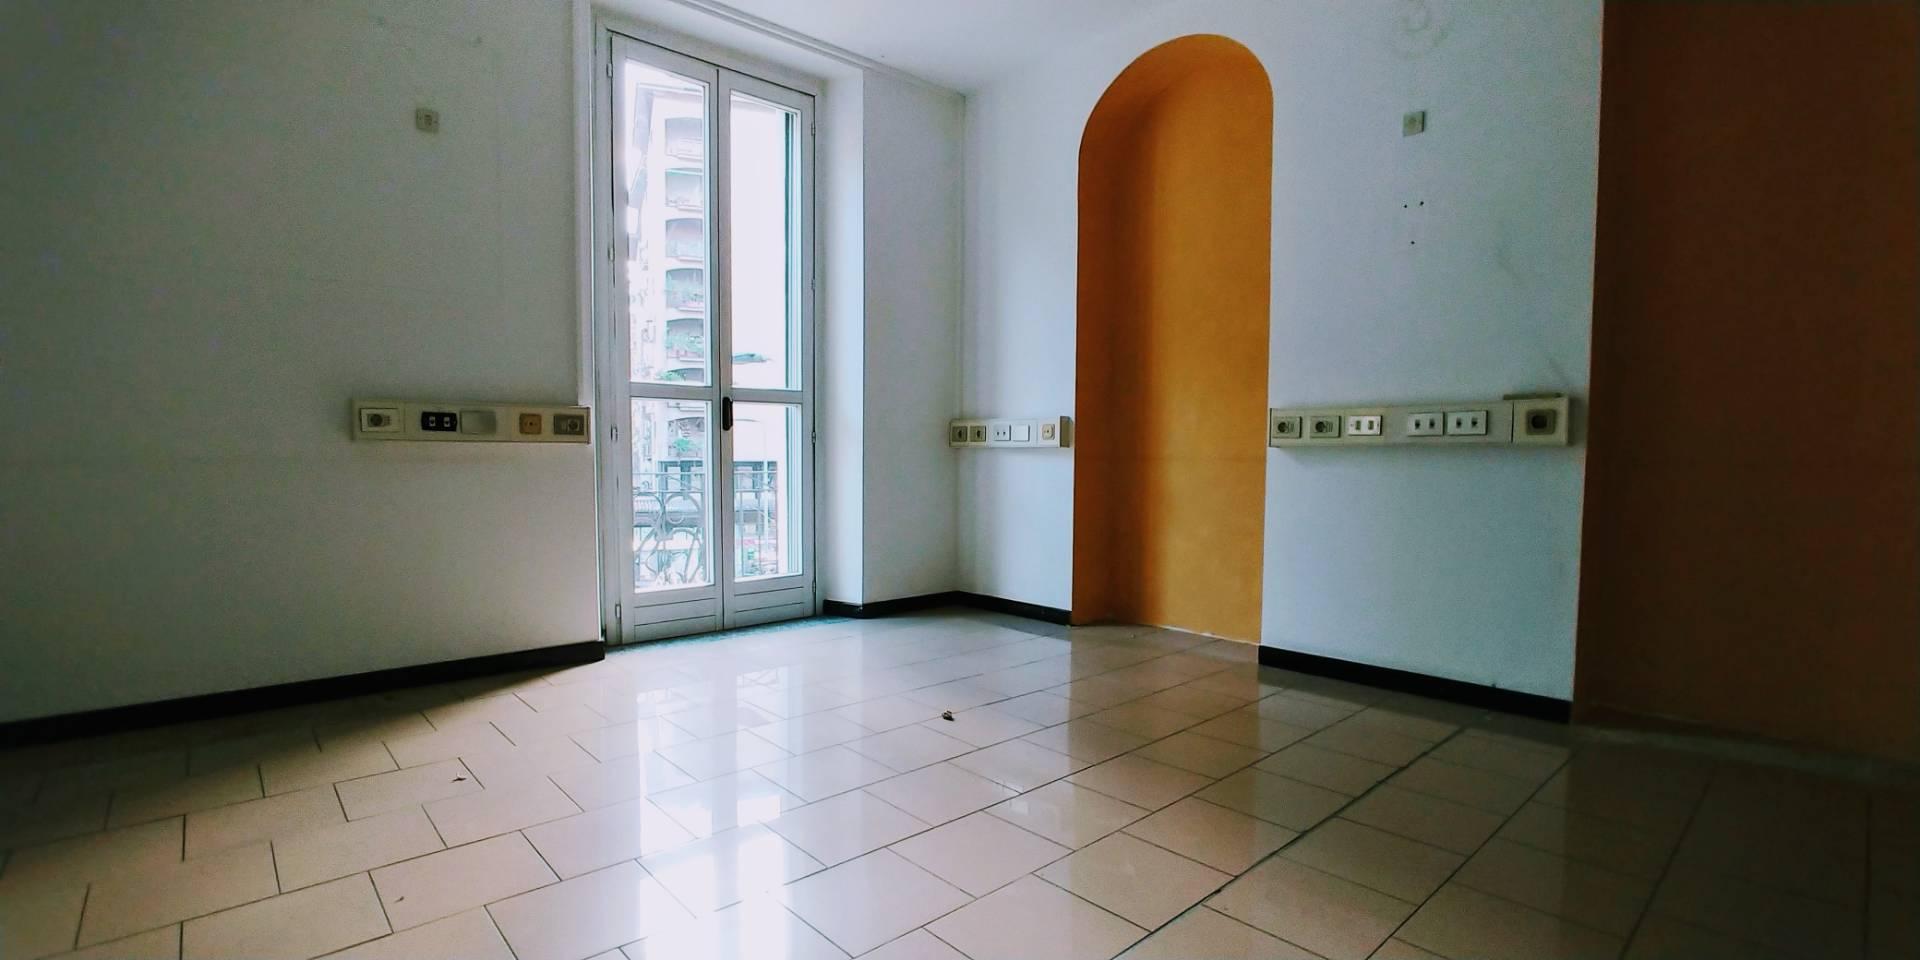 Ufficio diviso in ambienti/locali in affitto - 150 mq